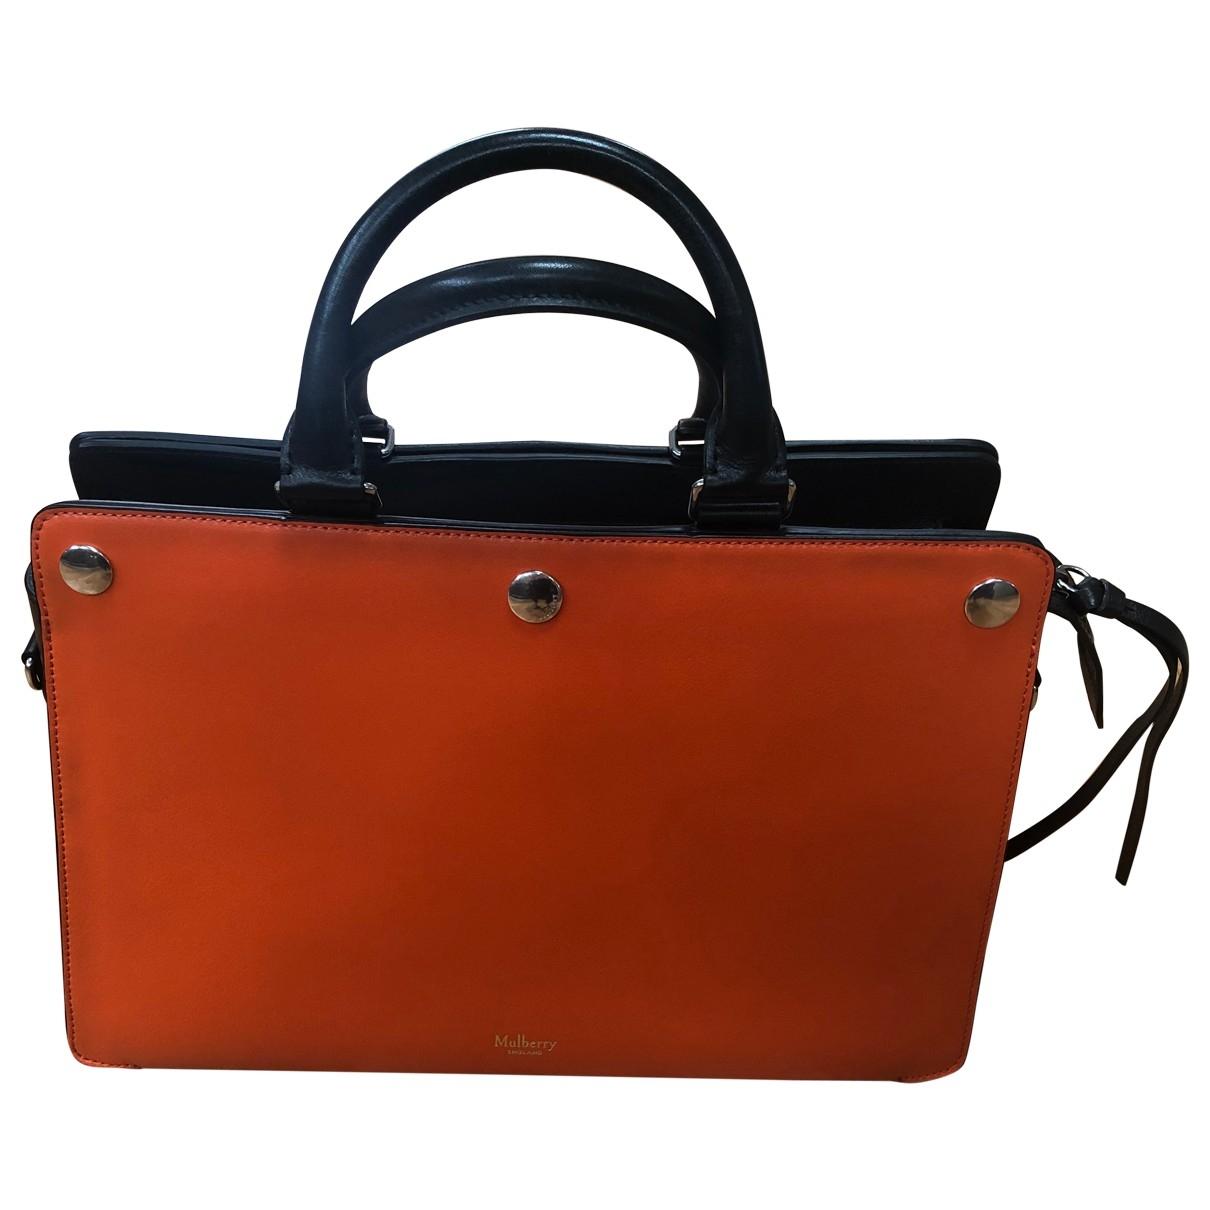 Mulberry - Sac a main   pour femme en cuir - orange